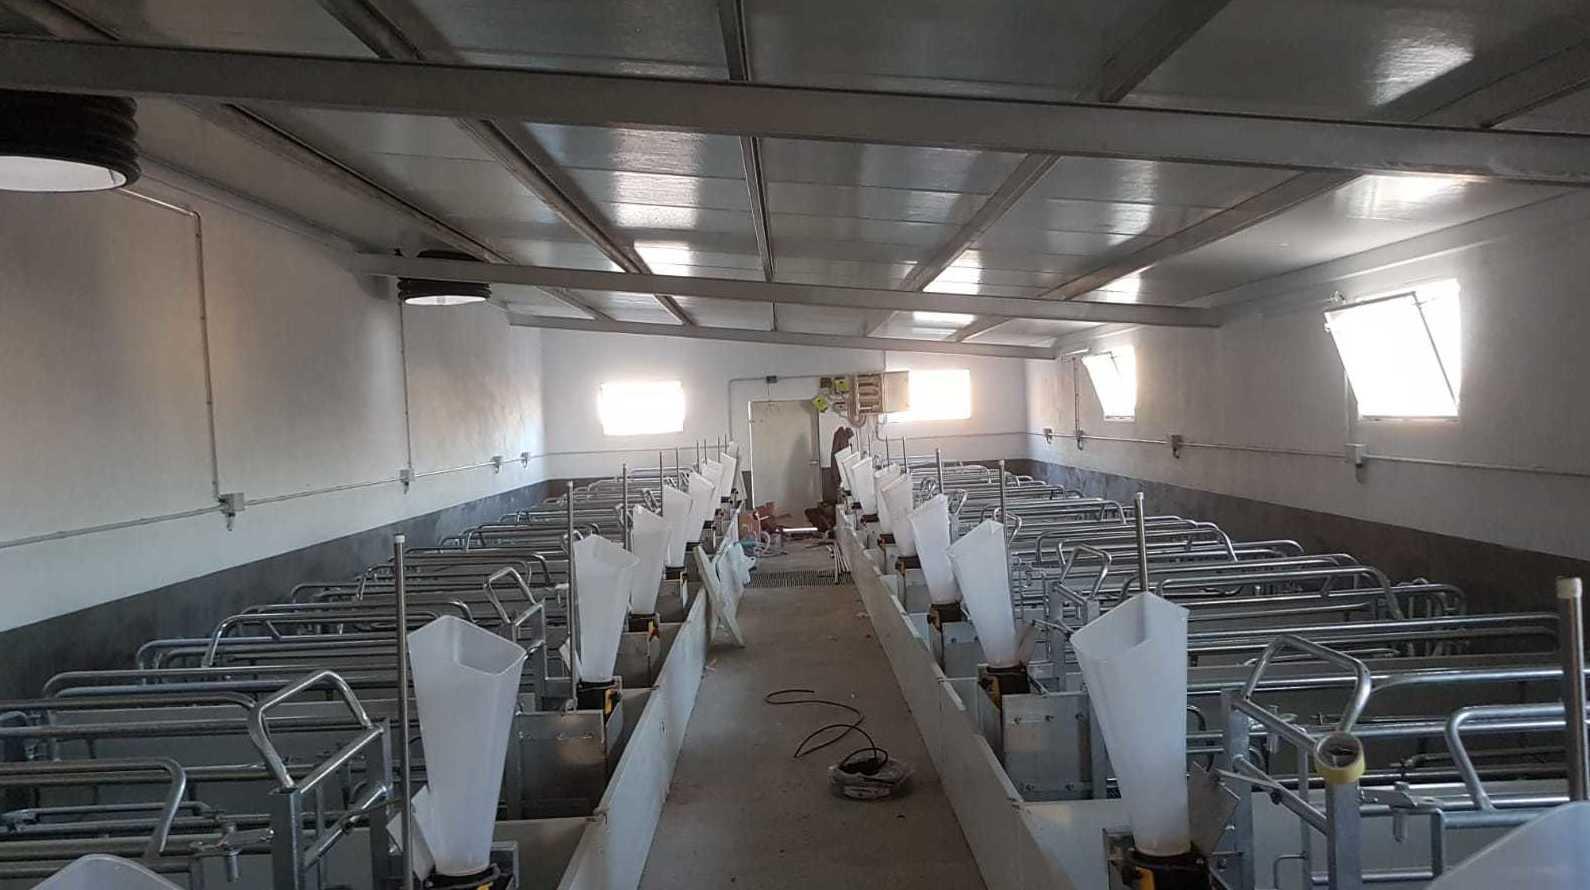 Instalaciones eléctricas Murcia